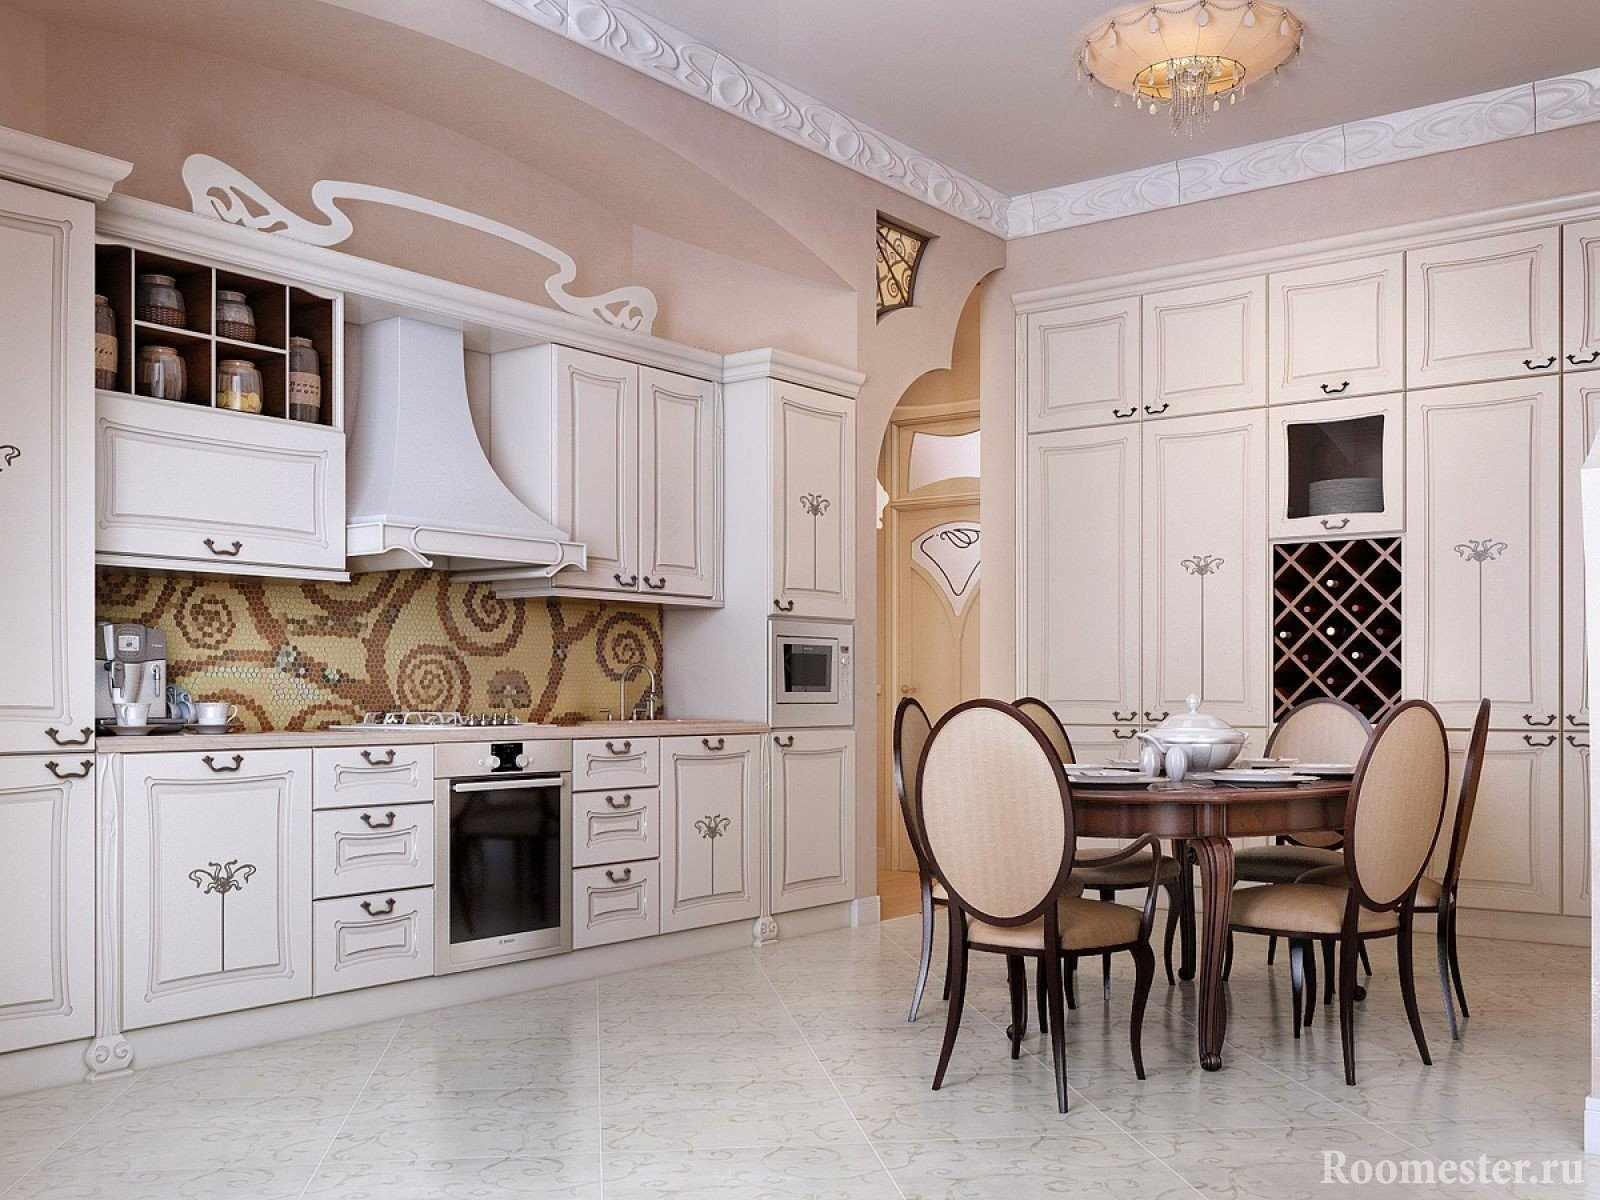 Декор большой кухни в стиле модерн